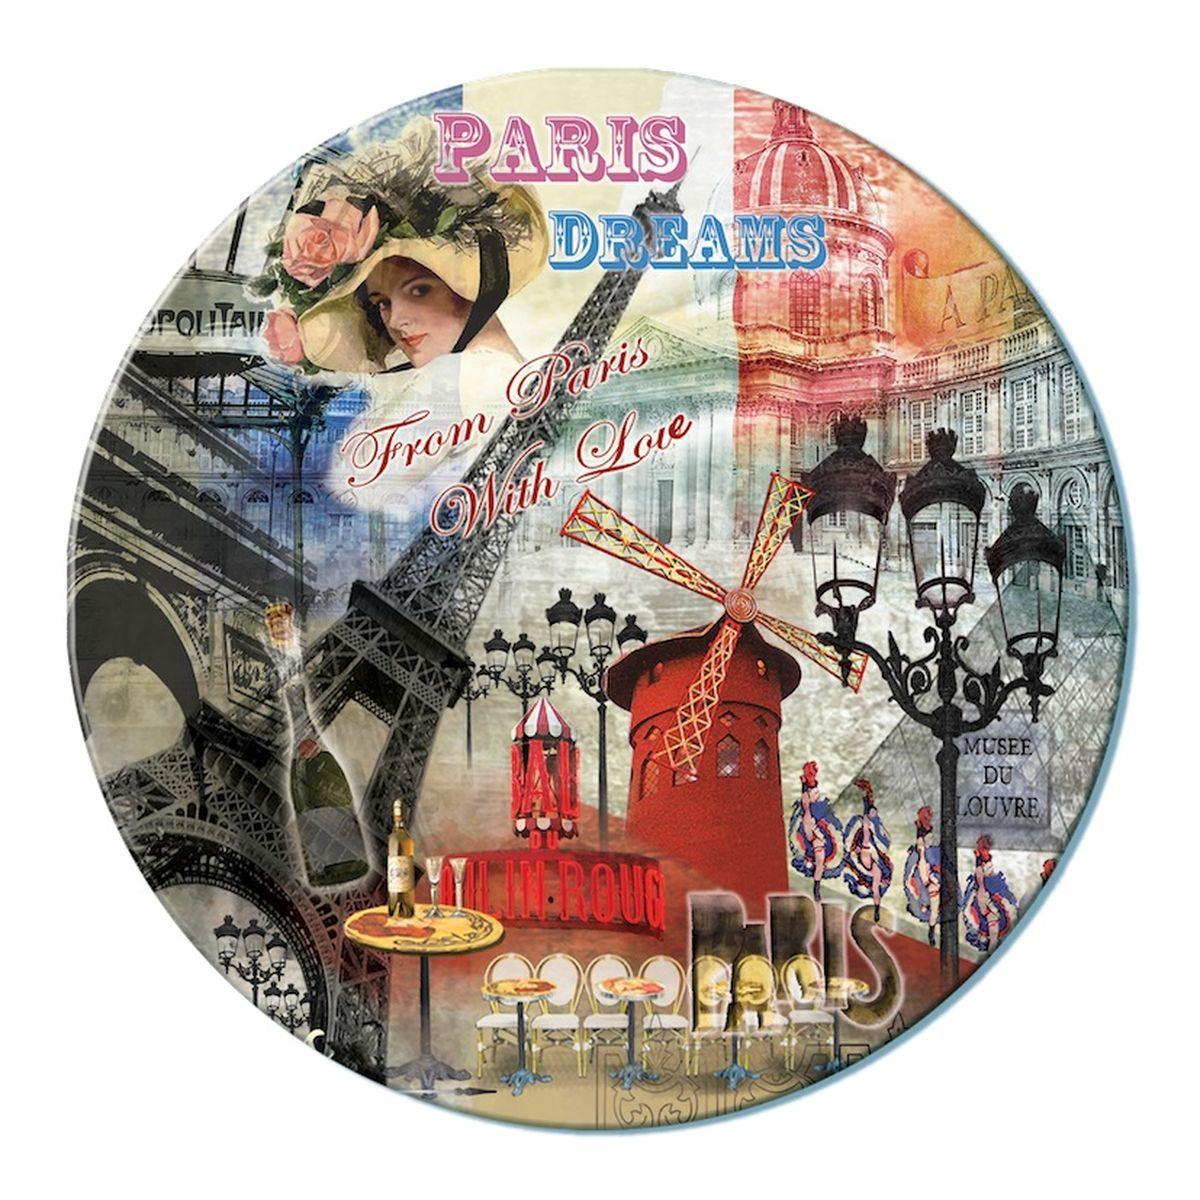 Доска разделочная GiftnHome Парижские фантазии, стеклянная, диаметр 19 смRCB-PDREAMSРазделочная доска GiftnHome Парижские фантазии выполнена из жароустойчивого стекла. Изделие, украшенное красочным изображением достопримечательностей Парижа, идеально впишется в интерьер современной кухни. Специальное покрытие вкладыша обеспечивает стойкость к влаге и высоким температурам. Изделие легко чистить от пятен и жира. Также доску можно применять как подставку под горячее. Разделочная доска GiftnHome Парижские фантазии украсит ваш стол и сбережет его от воздействия высоких температур ваших кулинарных шедевров. Можно мыть в посудомоечной машине. Диаметр доски: 19 см. Толщина доски: 0,4 см.